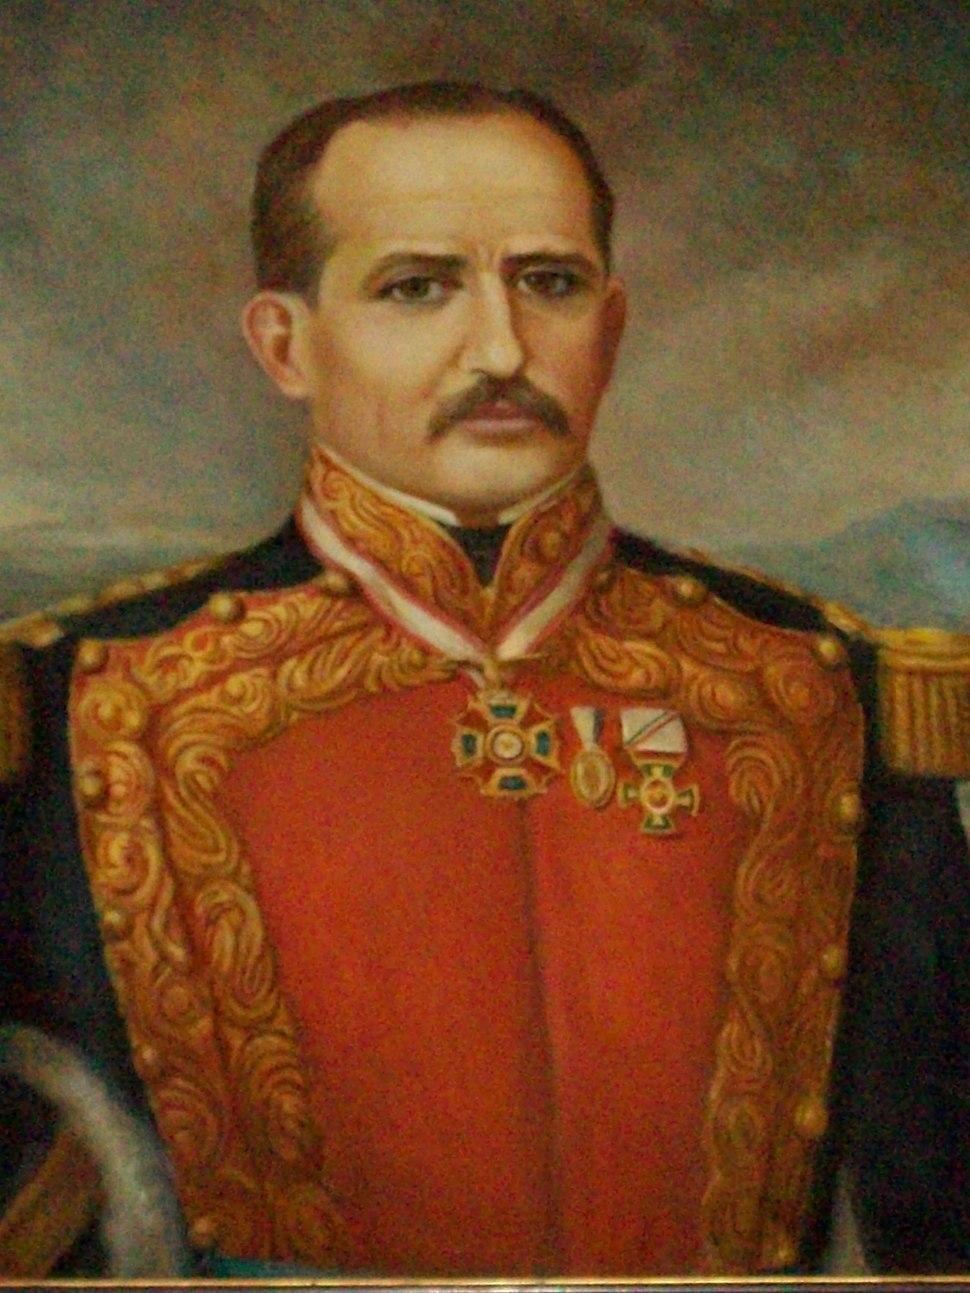 Prisciliano Sánchez (pintura)